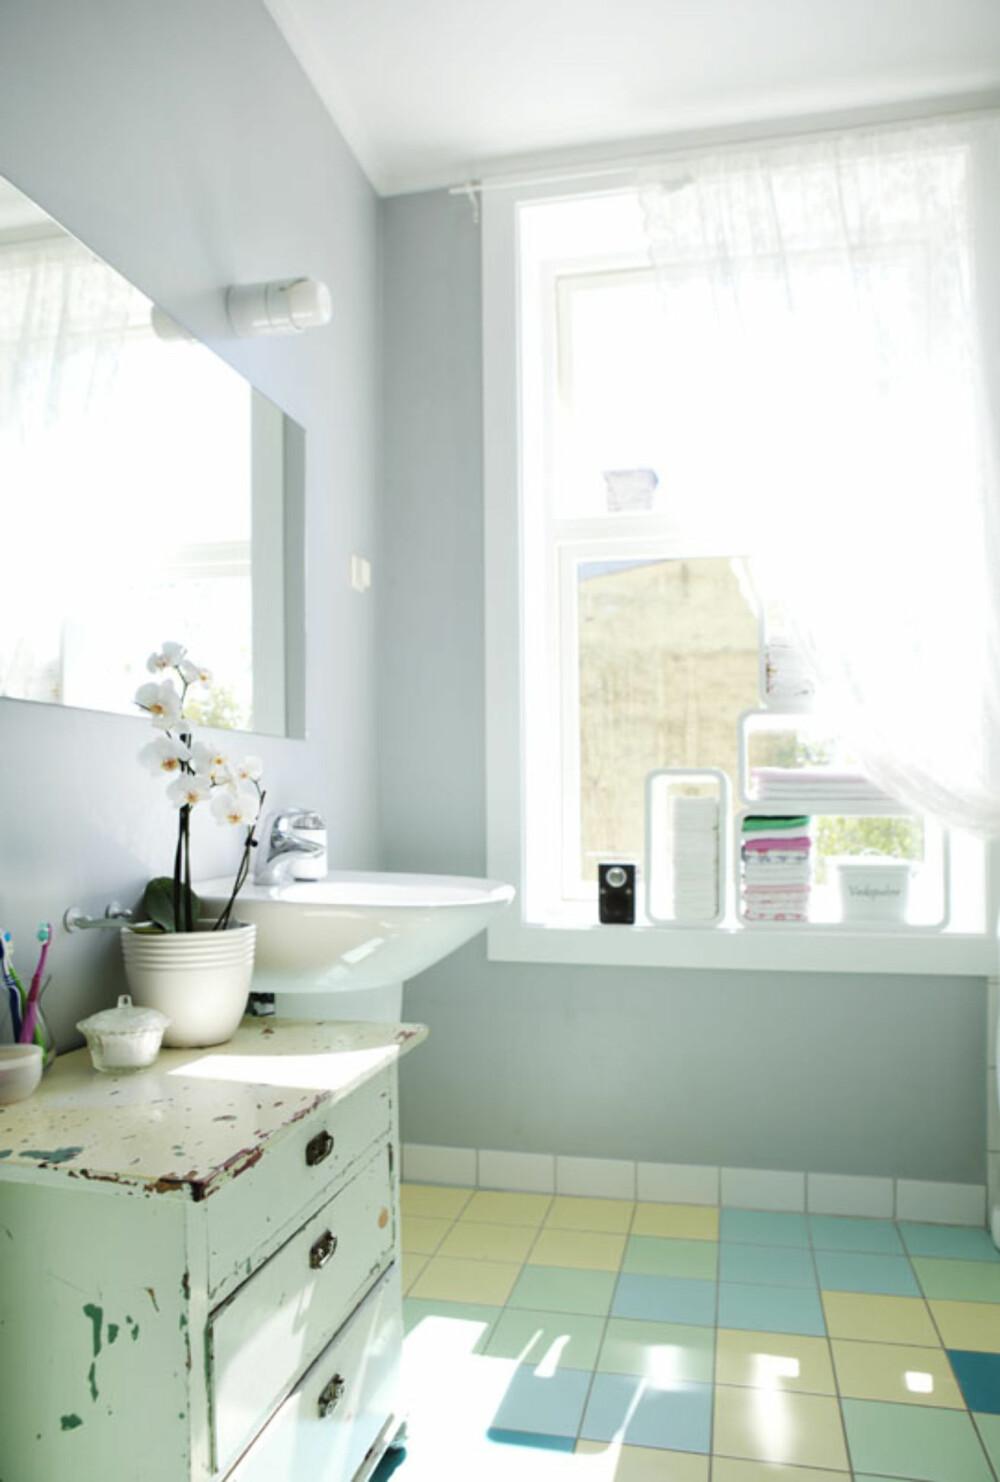 FRESH: Badet har delikate farger i form av fliser på gulvet. <legg merke til den flotte gamle kommoden, som er nok et bruktfunn.